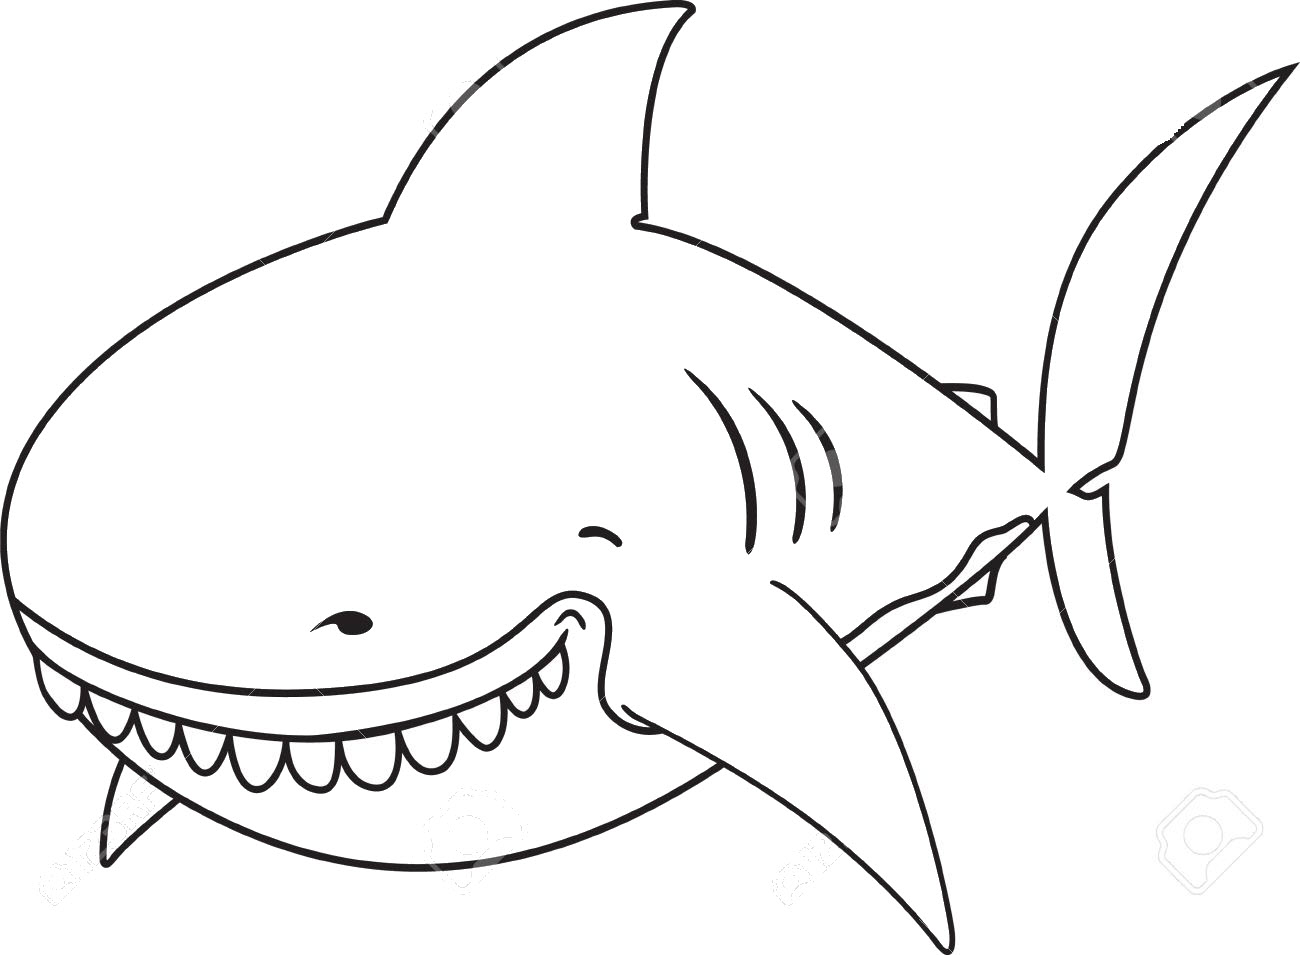 Tranh tô màu cá mập ngộ nghĩnh dễ thương